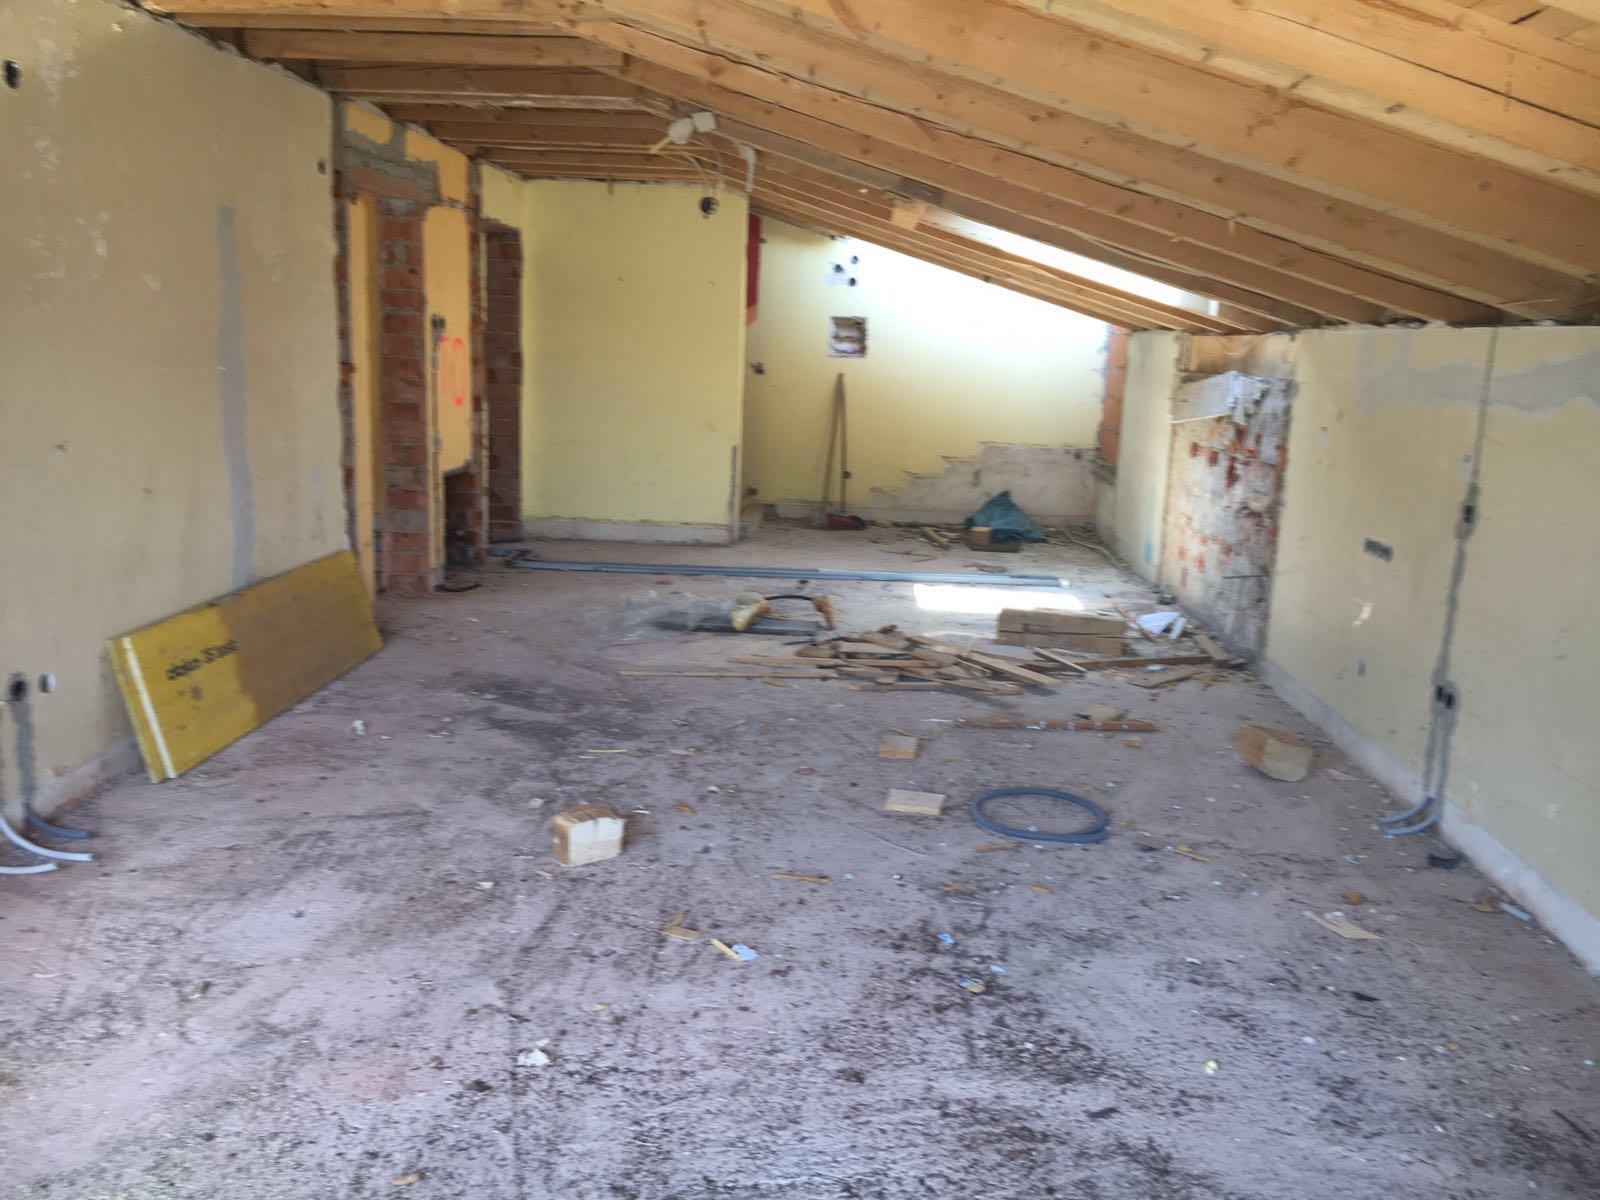 gegenüber die beiden Schlafzimmer,  dahinter der Eingangsbereich